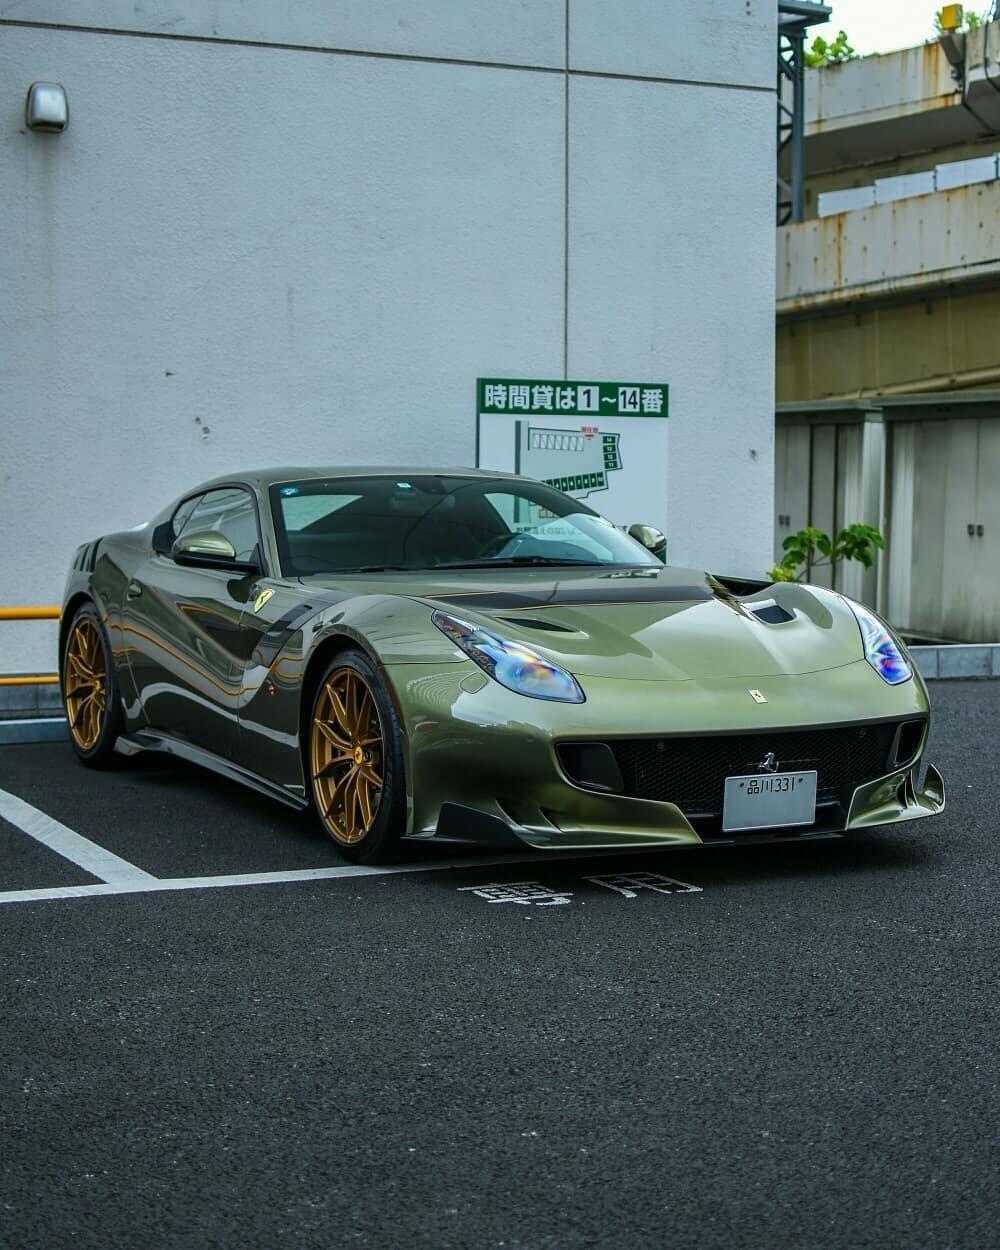 法拉利F12-TDF,这个颜色叫啥?